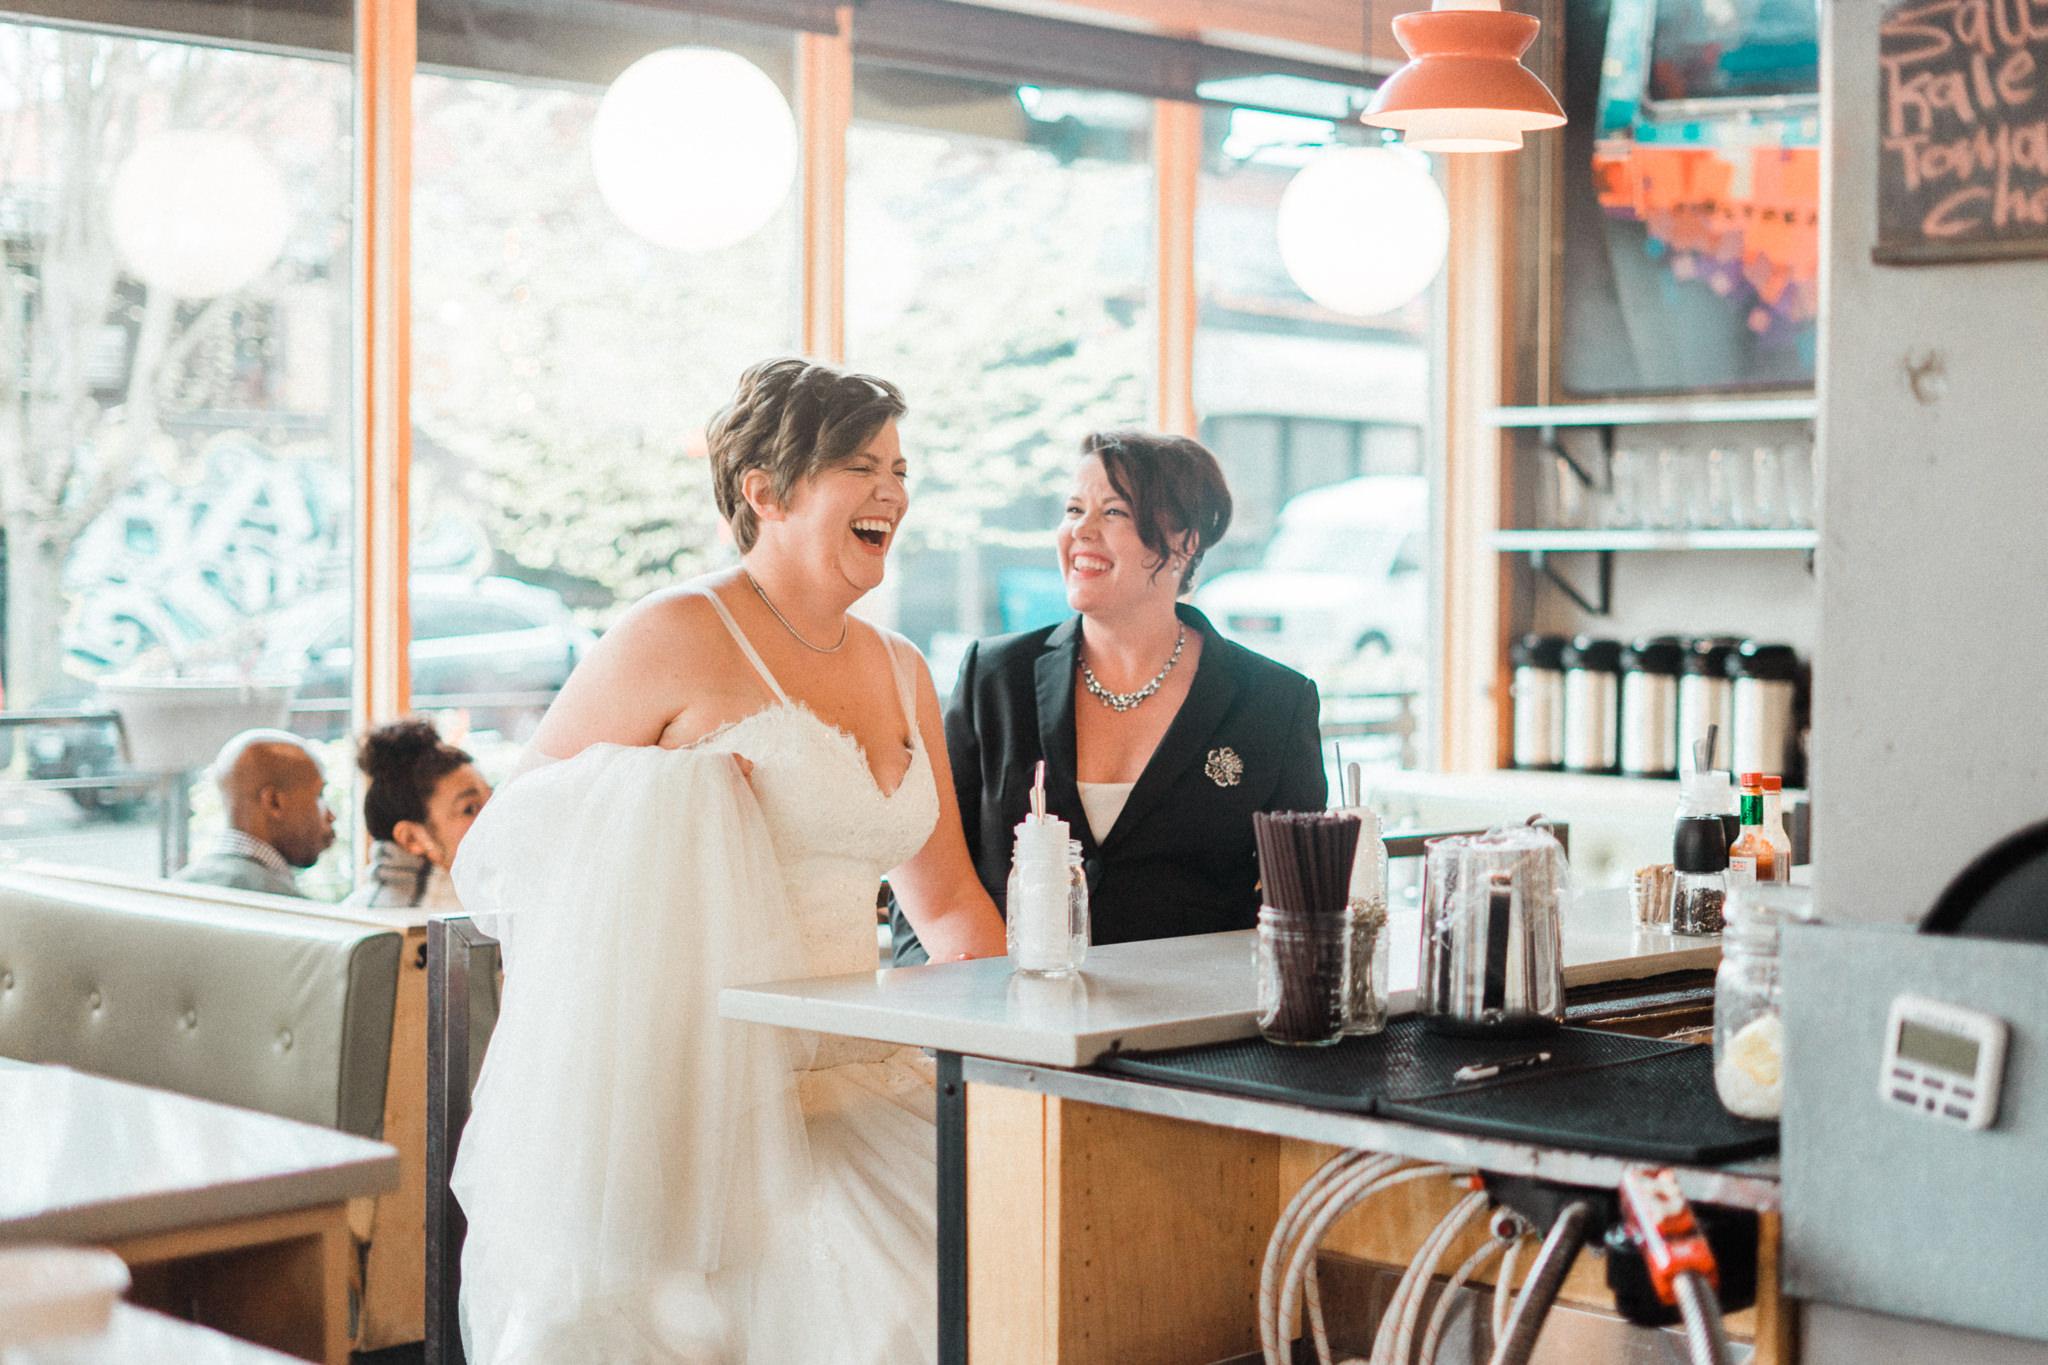 Skillet Diner Counter Wedding Portrait